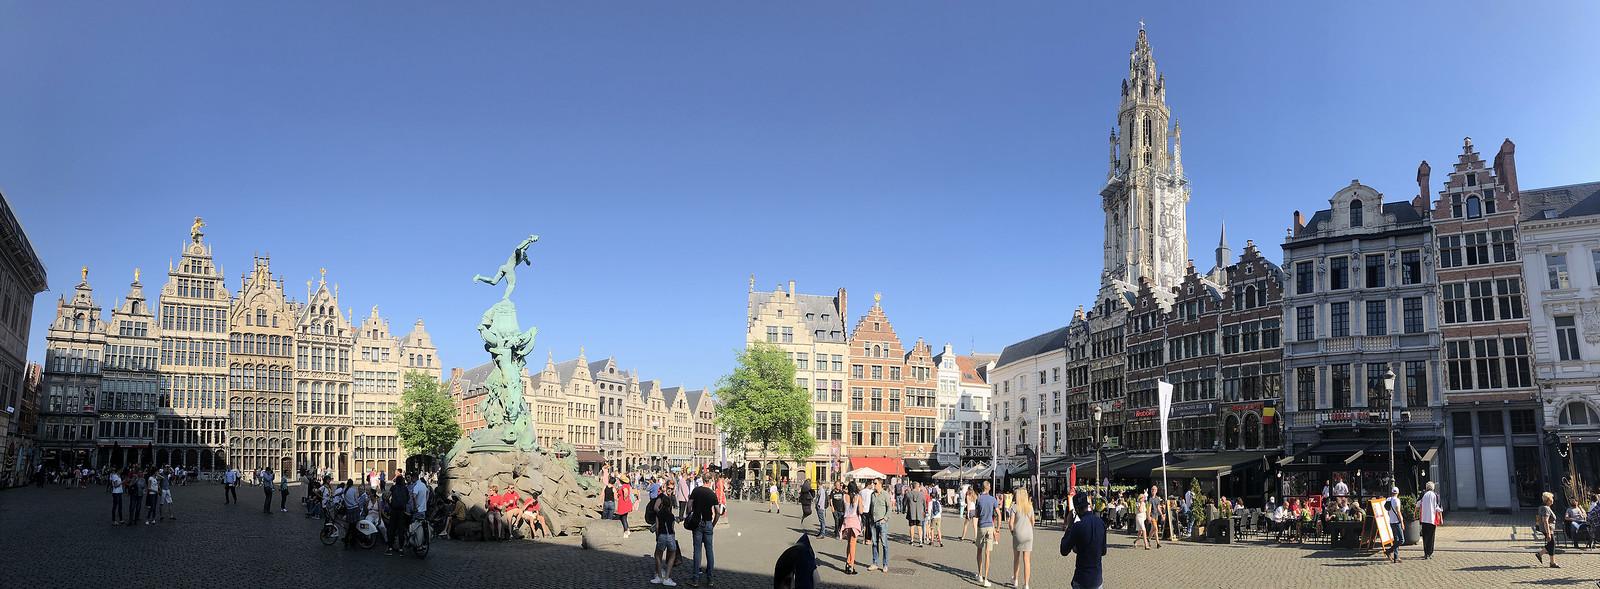 Visitar Amberes en un día, Antwerp in a day, Bélgica, Belgium amberes en un día - 48260865957 3f4c083367 h - Amberes en un día